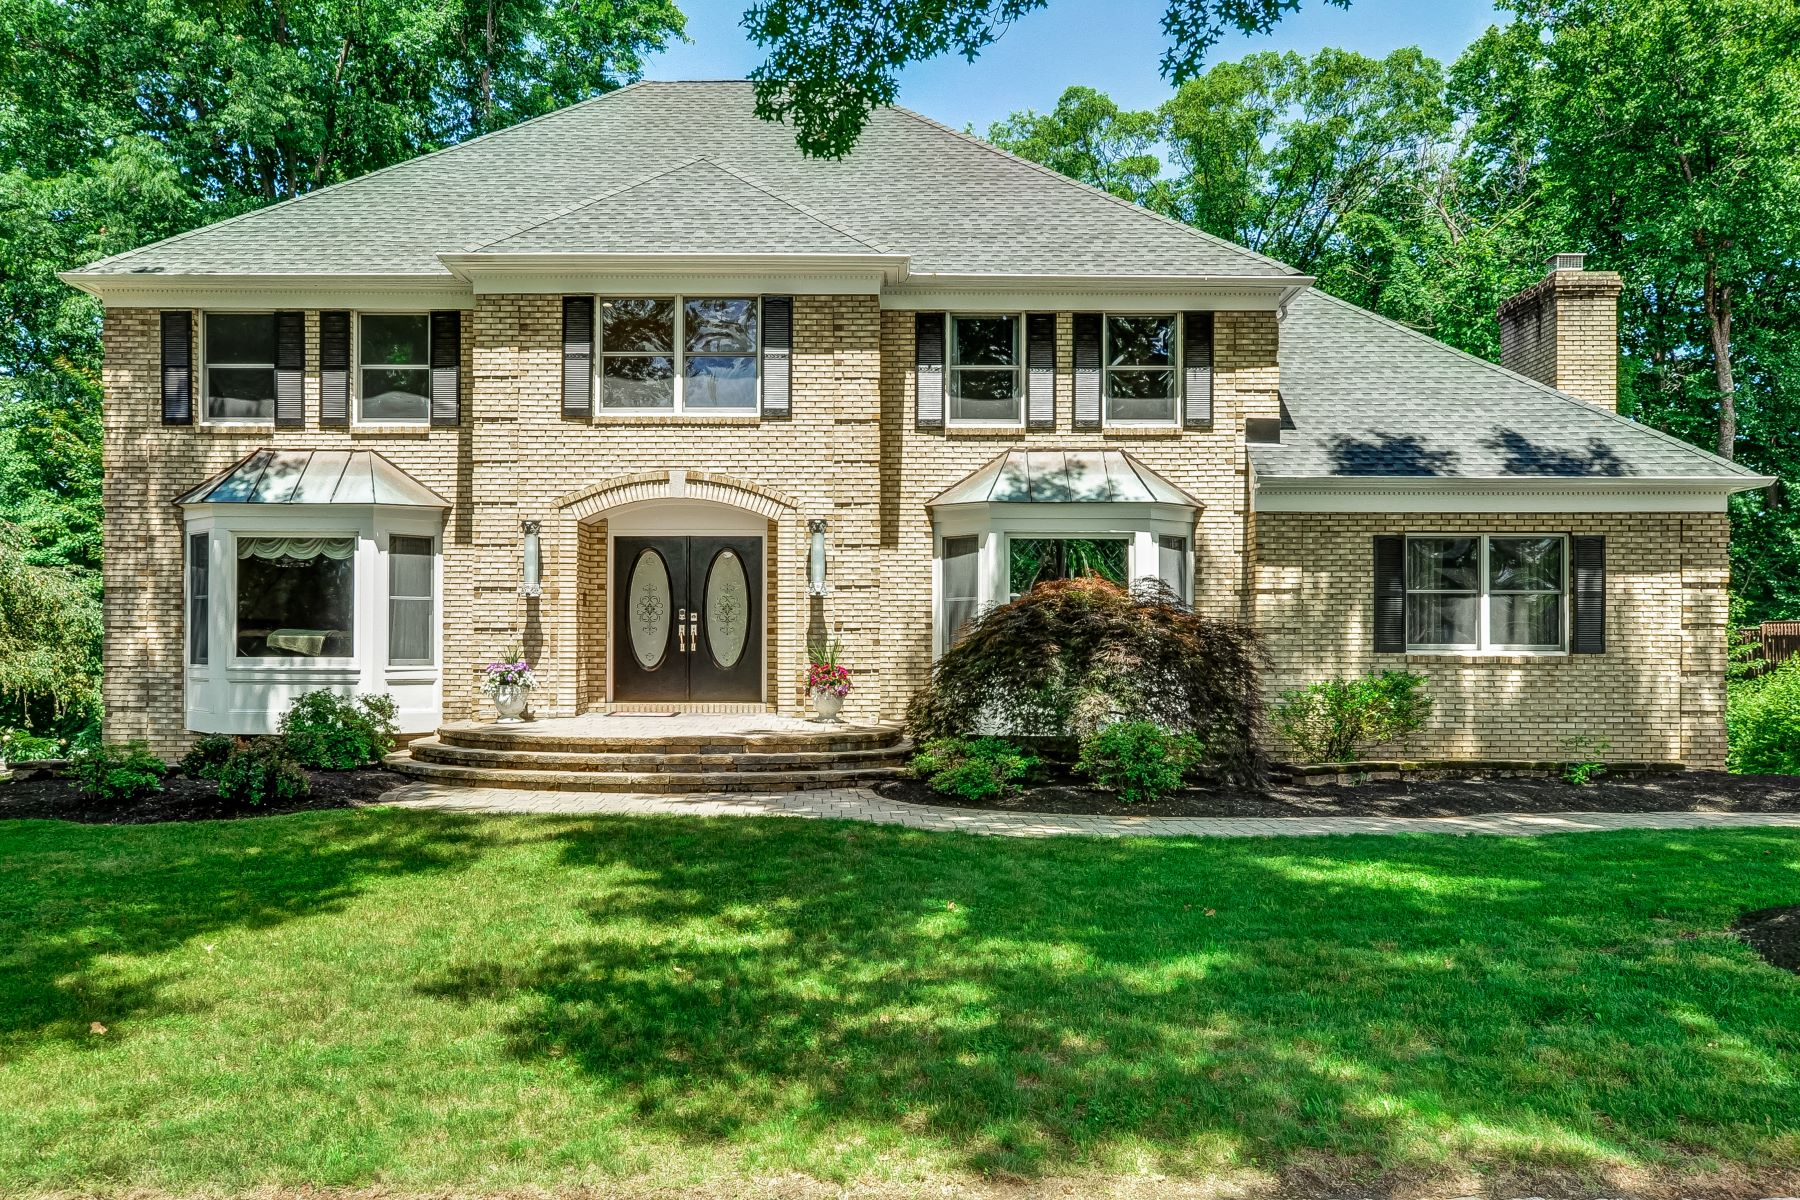 Casa Unifamiliar por un Venta en Traditional Colonial 6 Bryce Way, Morris Plains, Nueva Jersey 07950 Estados Unidos